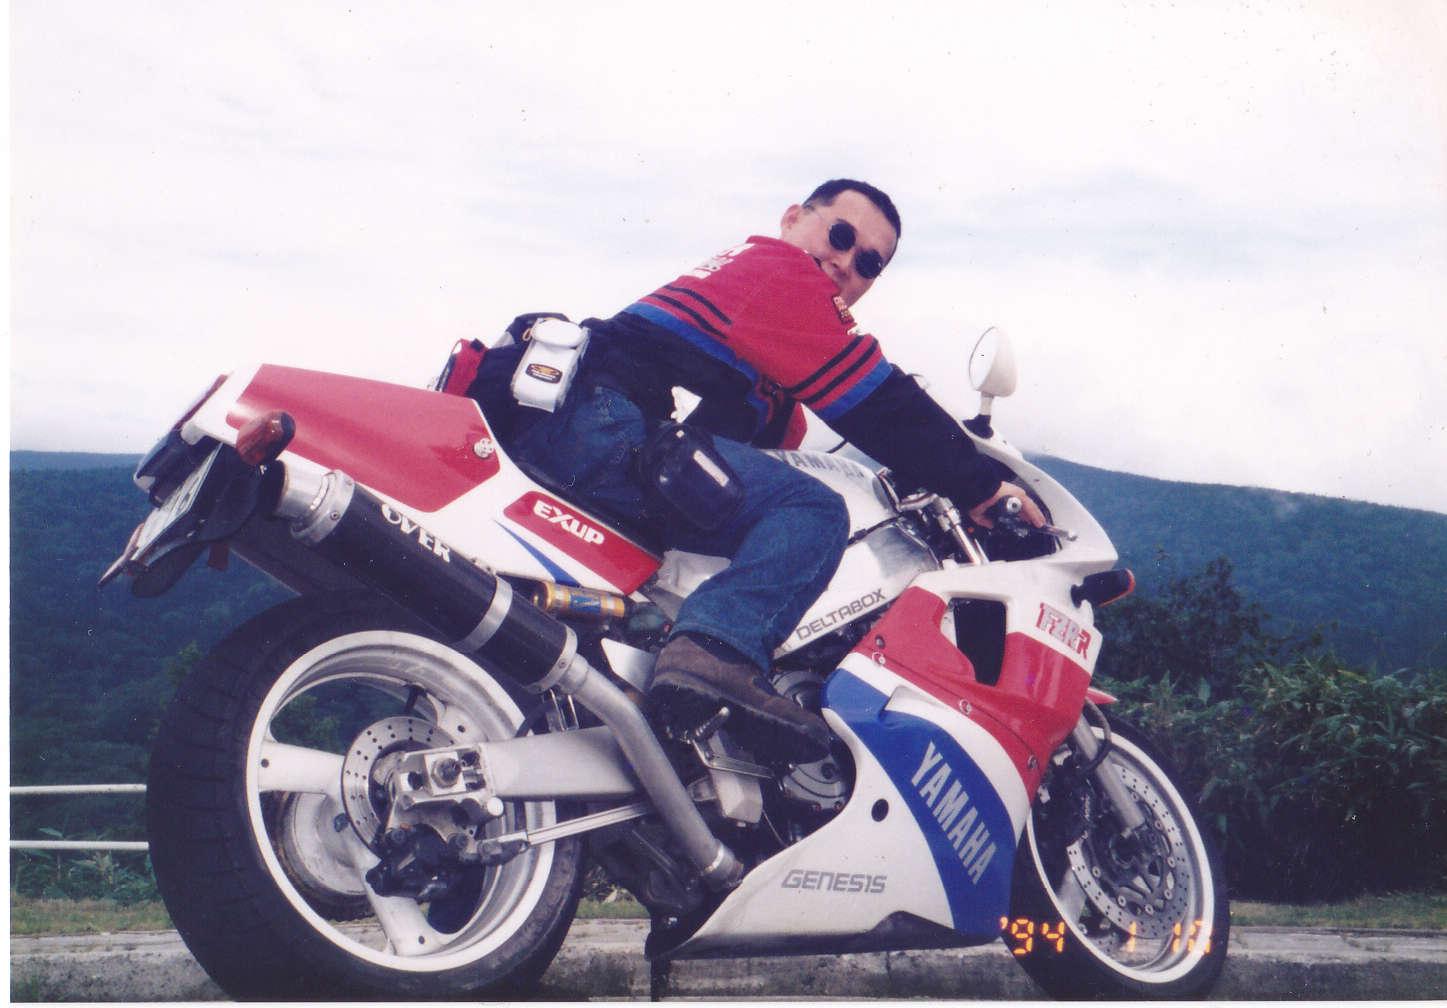 新元号は令和に決定!改元後の世の中もバイクは夢の翼であって欲しい